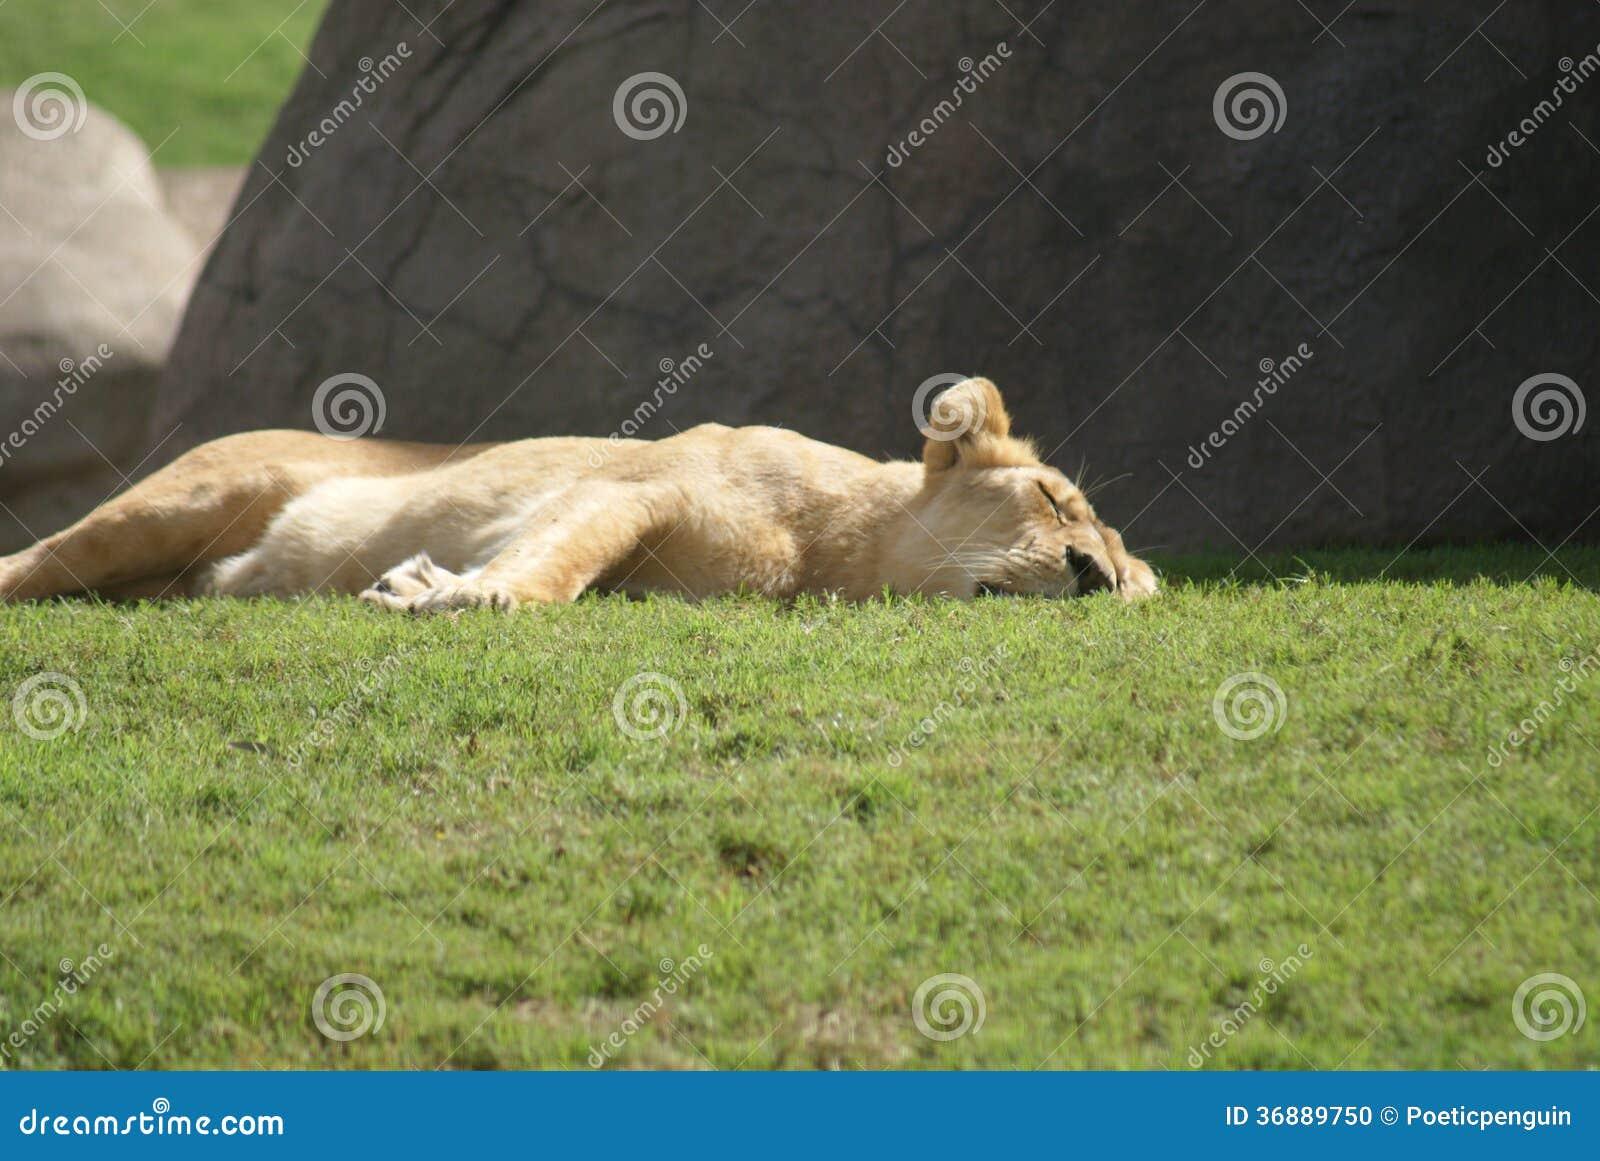 Download Leone Del Katanga - Bleyenbergh Di Leo Della Panthera Fotografia Stock - Immagine di vita, enorme: 36889750